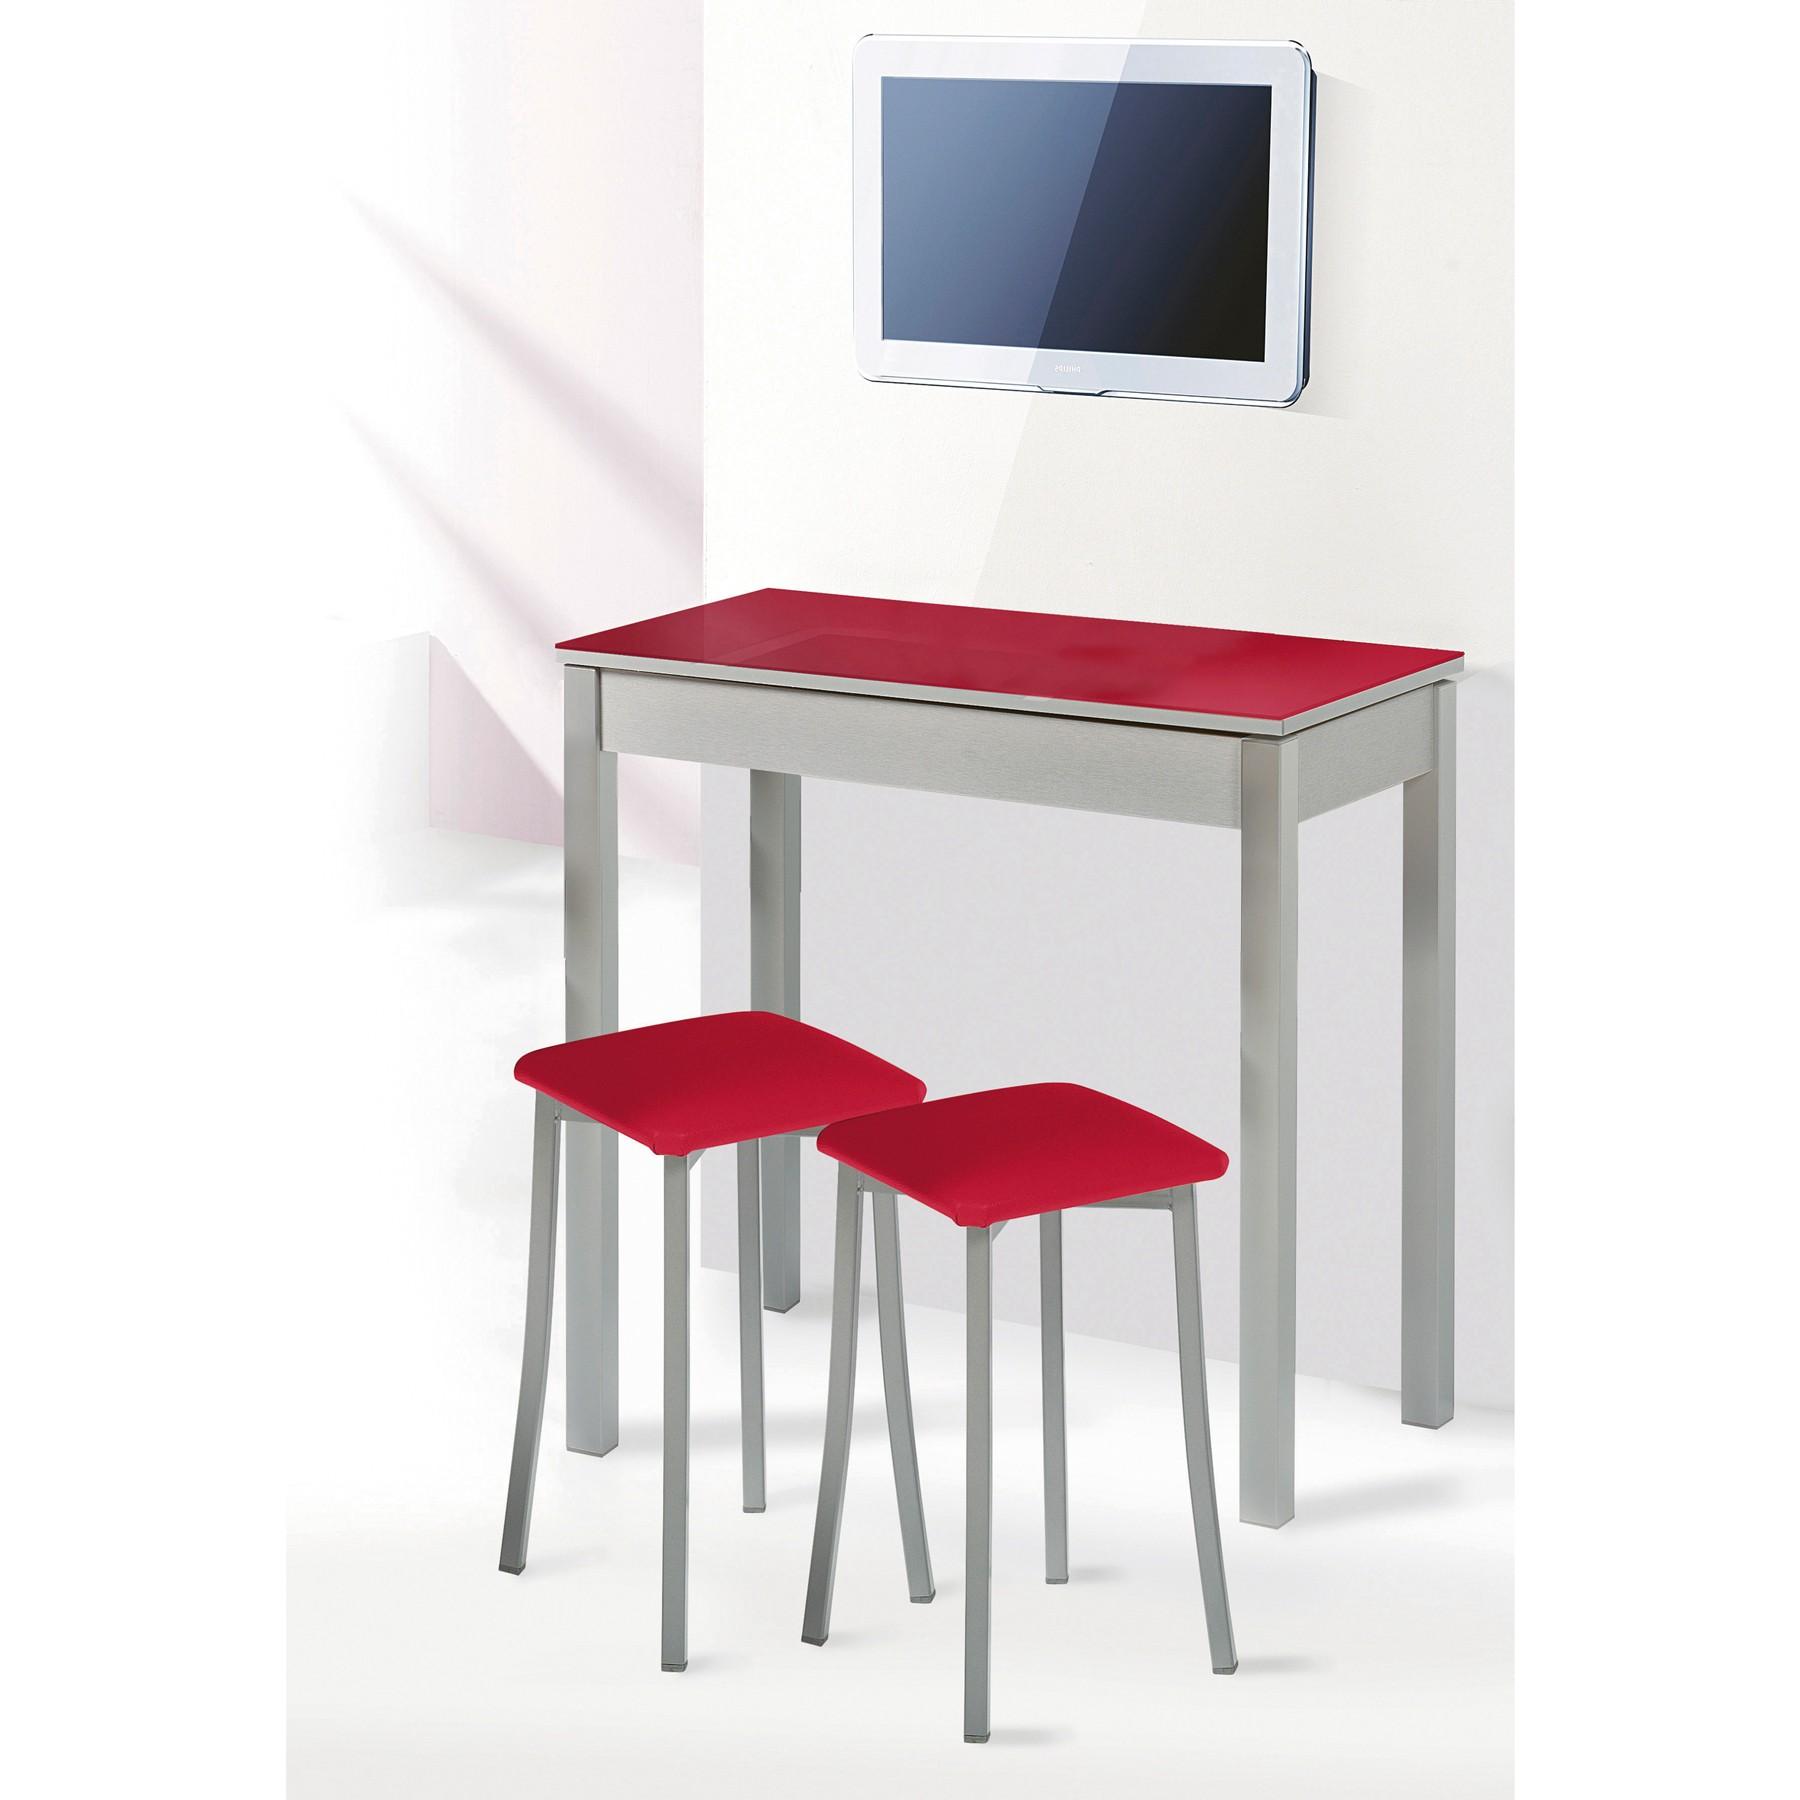 Mesa de cocina fija y taburetes modelo liborno espacios - Mesas de cocina plegables de pared ...